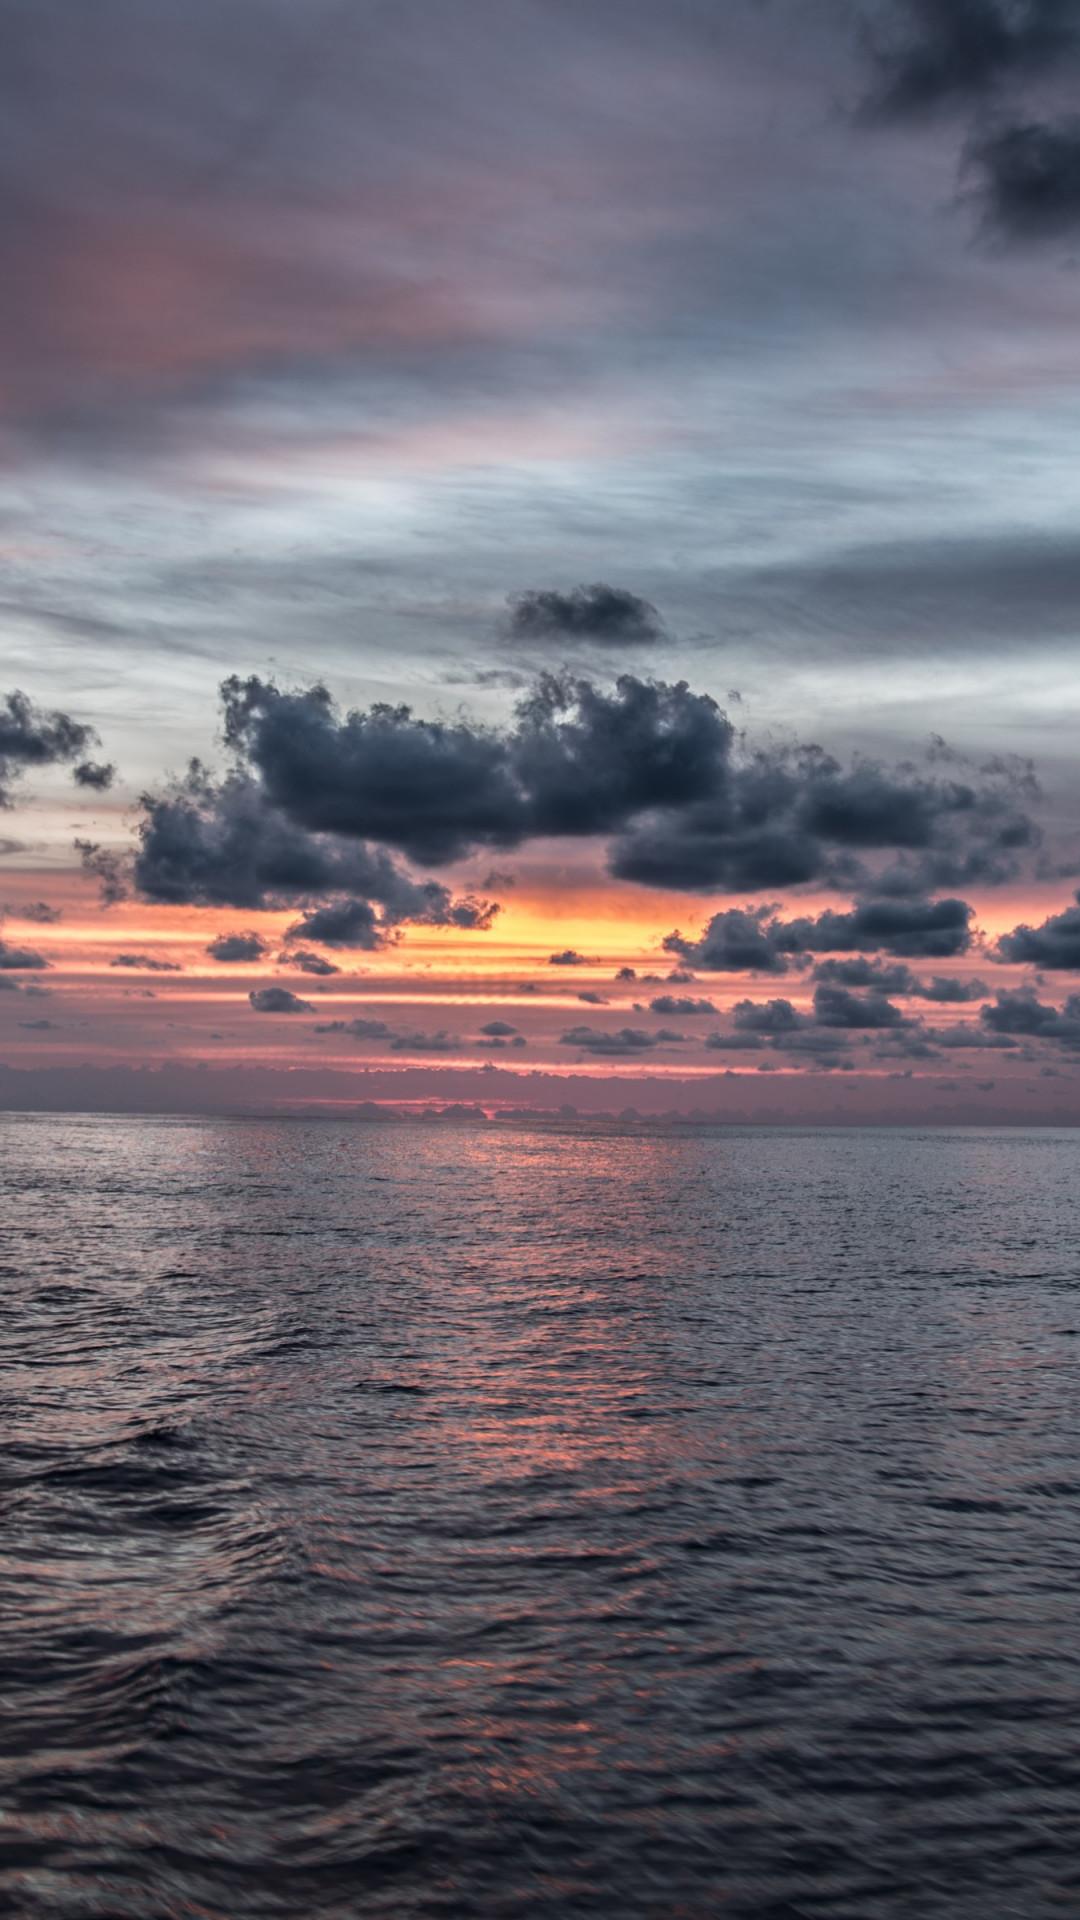 Download wallpaper Sunset from Palma de Mallorca 1080x1920 1080x1920